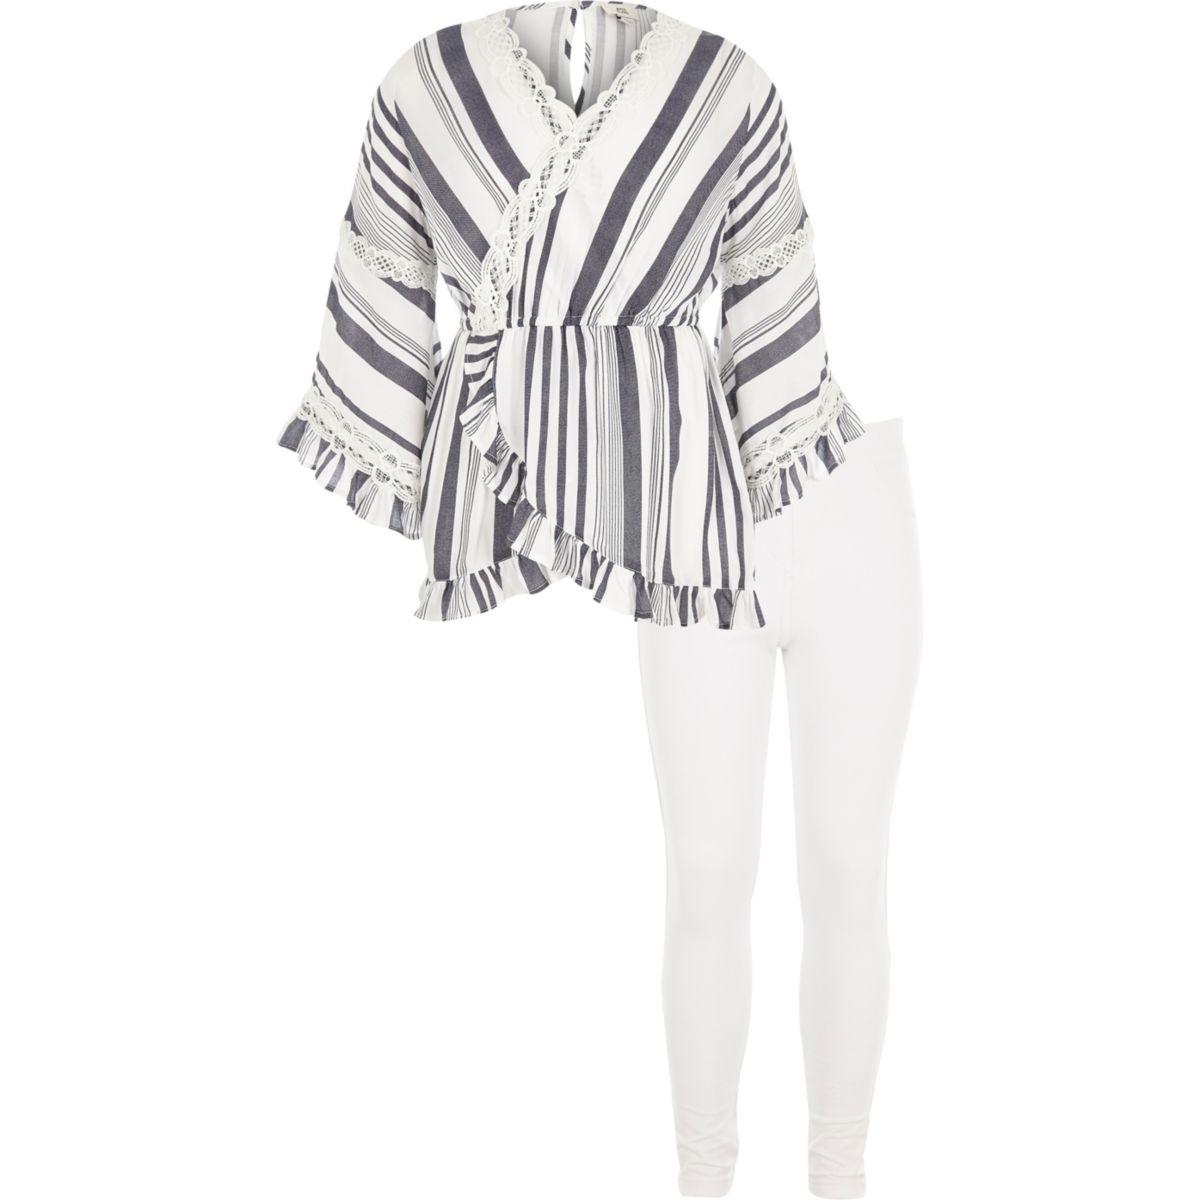 Ensemble leggings et tunique rayé blanc pour fille